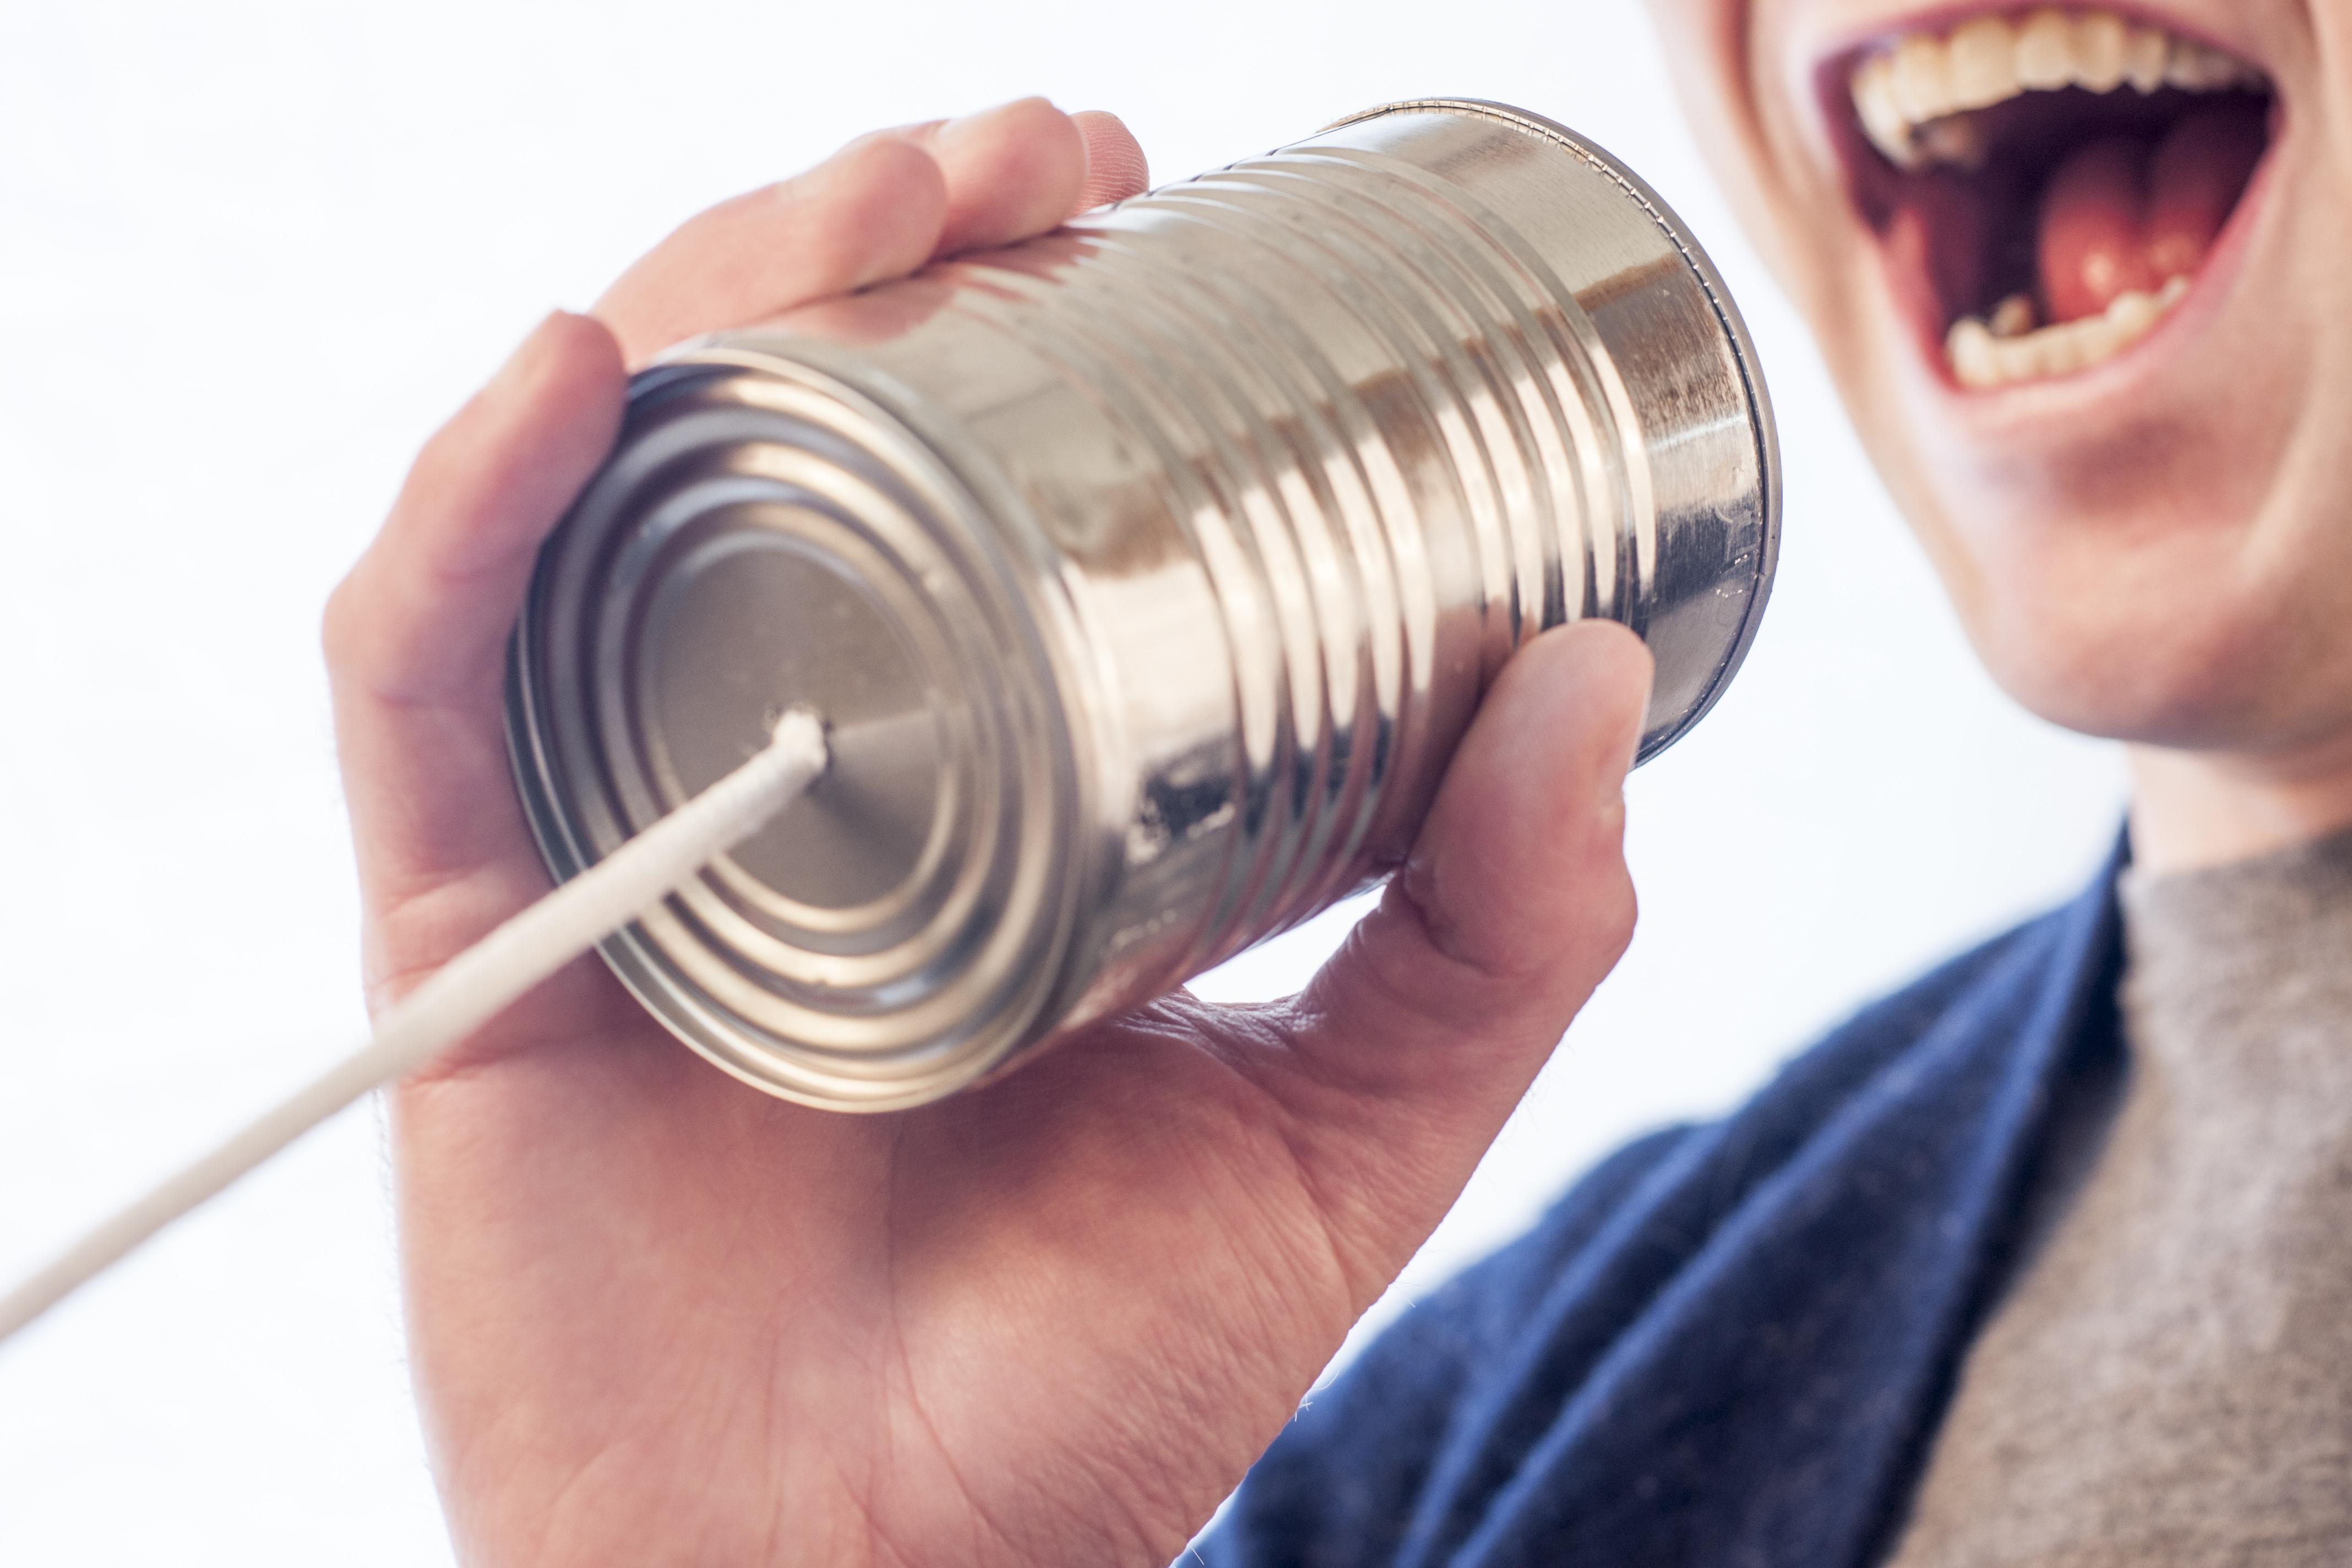 Wirkung der Stimme Rede, reden, eine rede halten, Geburtstagsrede, sprechen, stimmpuls, Speaker